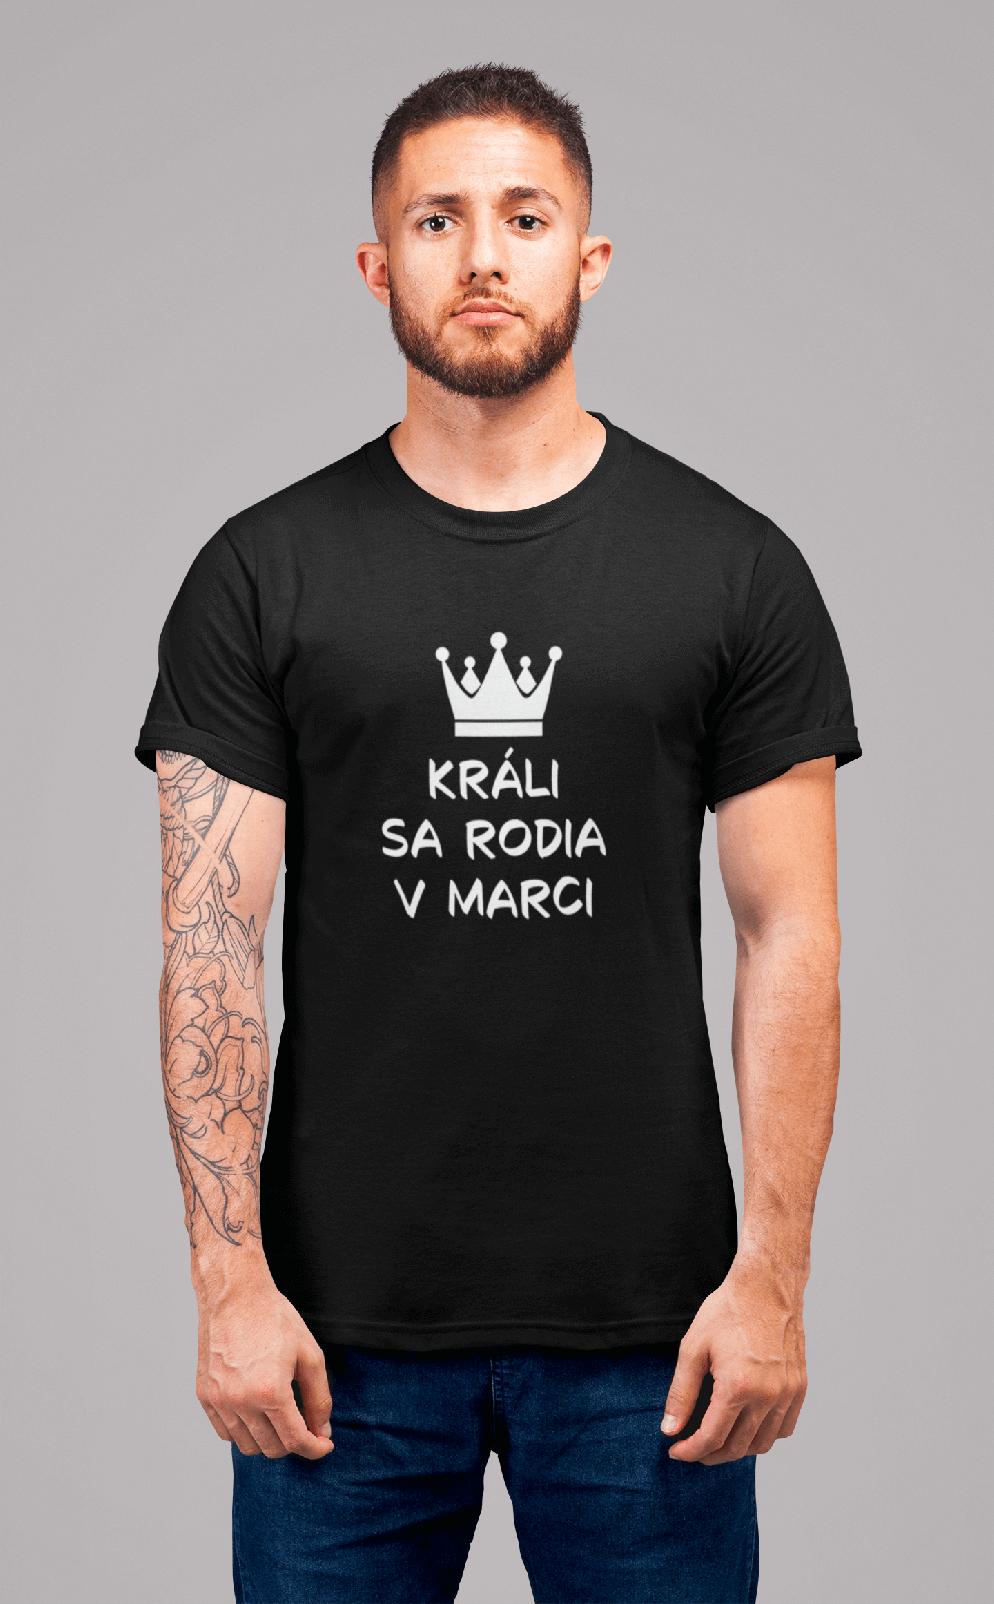 MMO Pánske tričko Králi sa rodia v marci Vyberte farbu: Čierna, Vyberte veľkosť: L